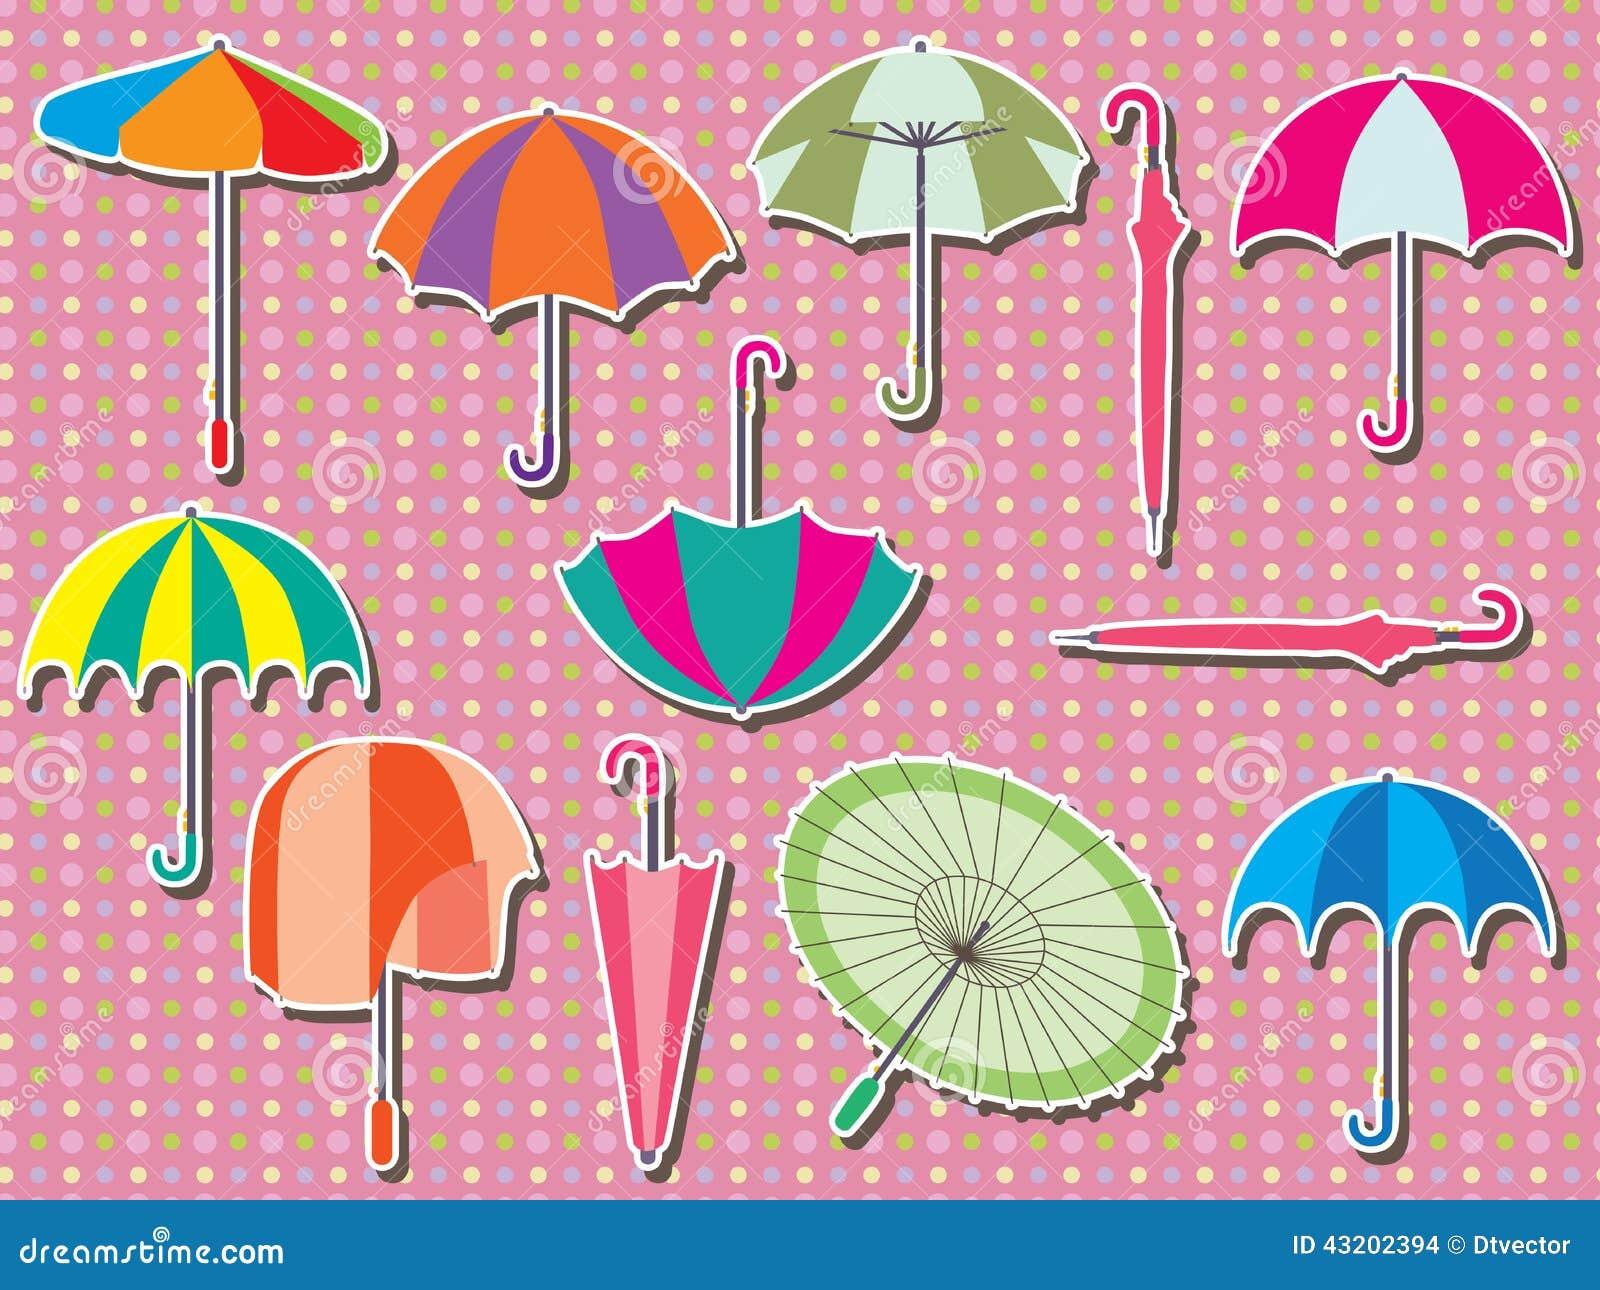 Download Fastställd Klistermärke För Paraply Vektor Illustrationer - Illustration av klimat, design: 43202394